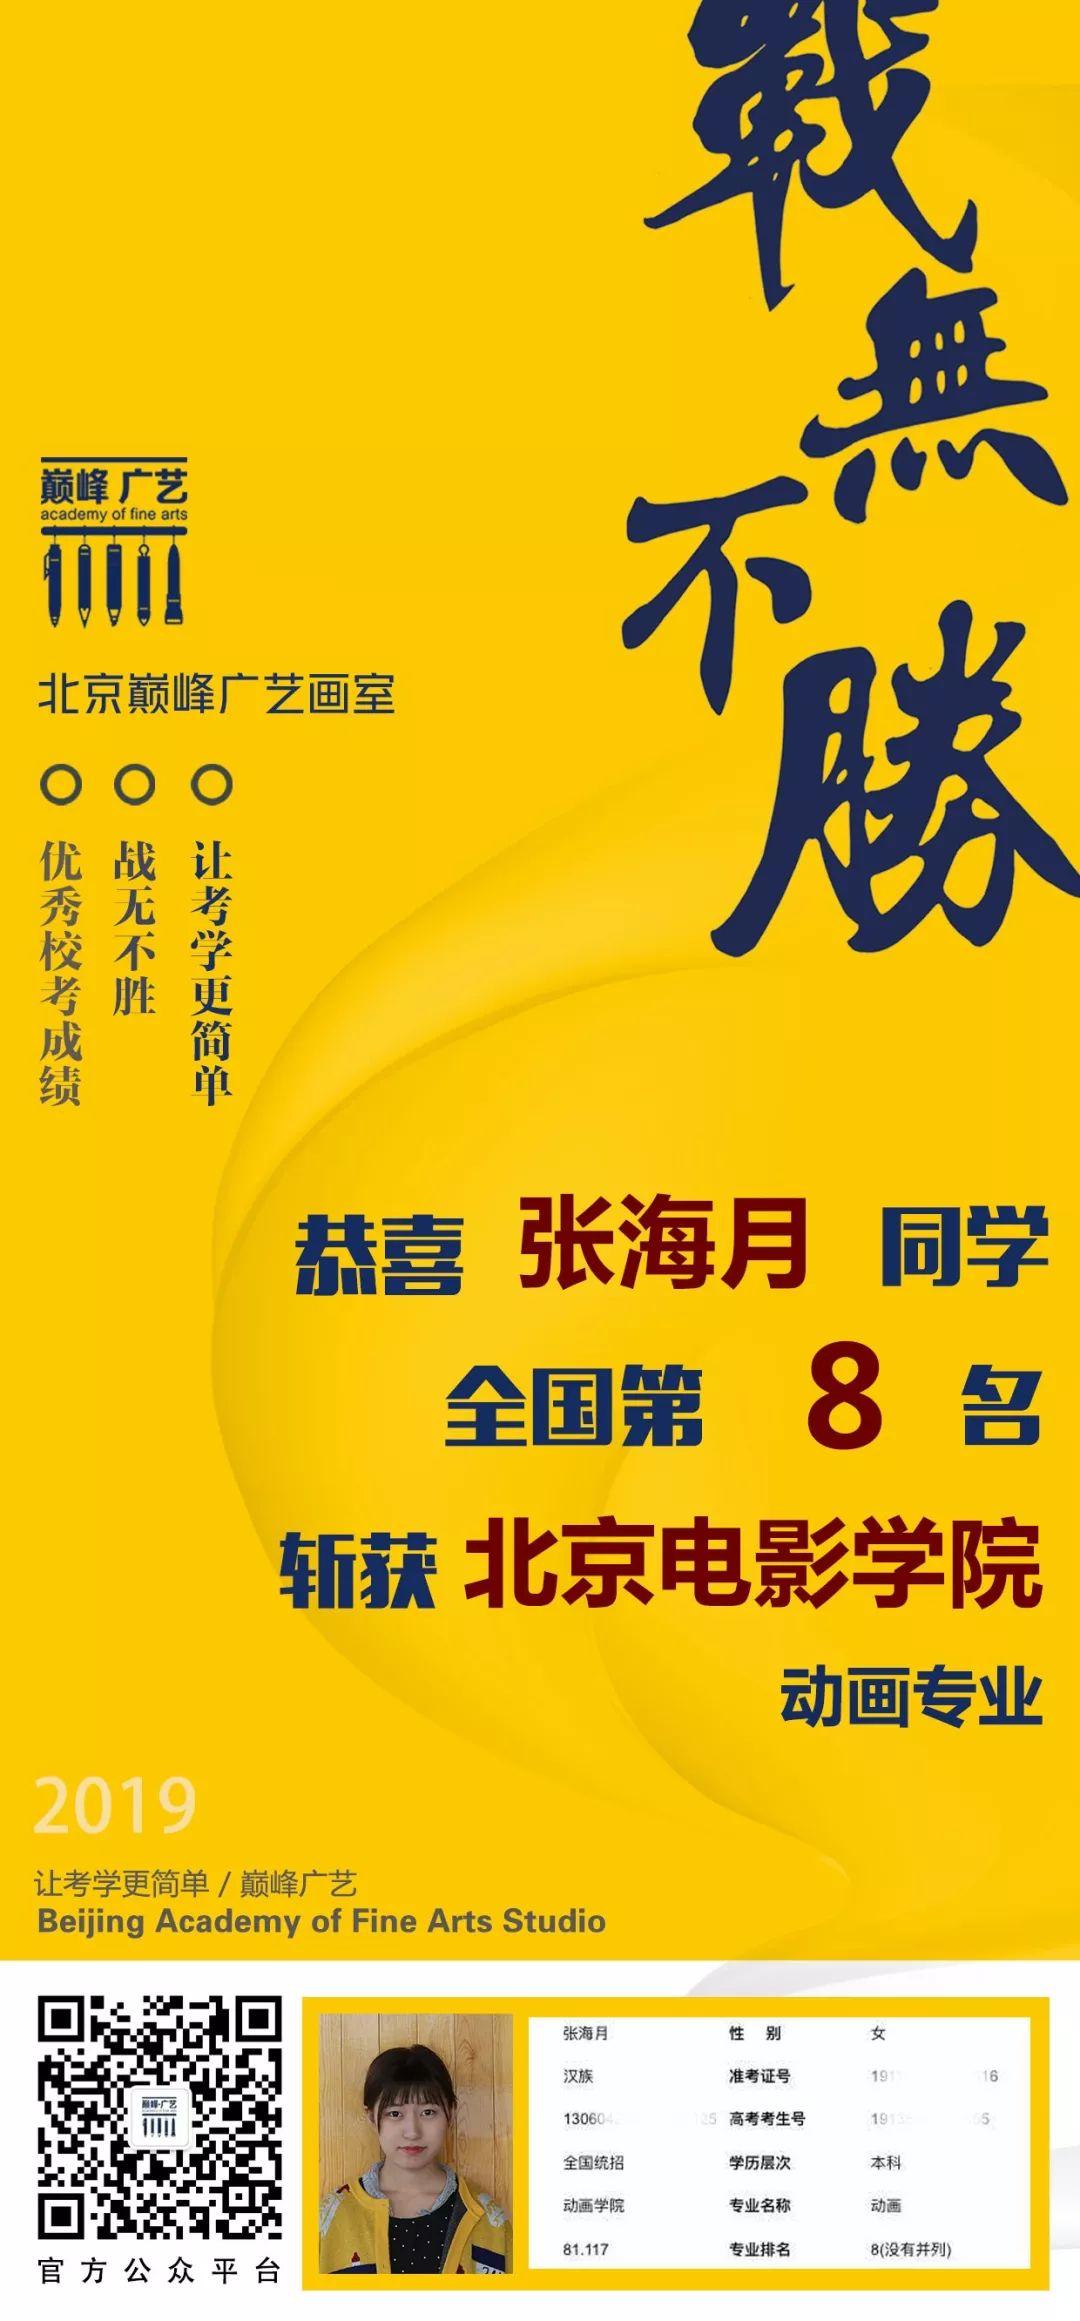 中国传媒大学,北京电影学院,中央戏剧学院,北京巅峰广艺画室       35